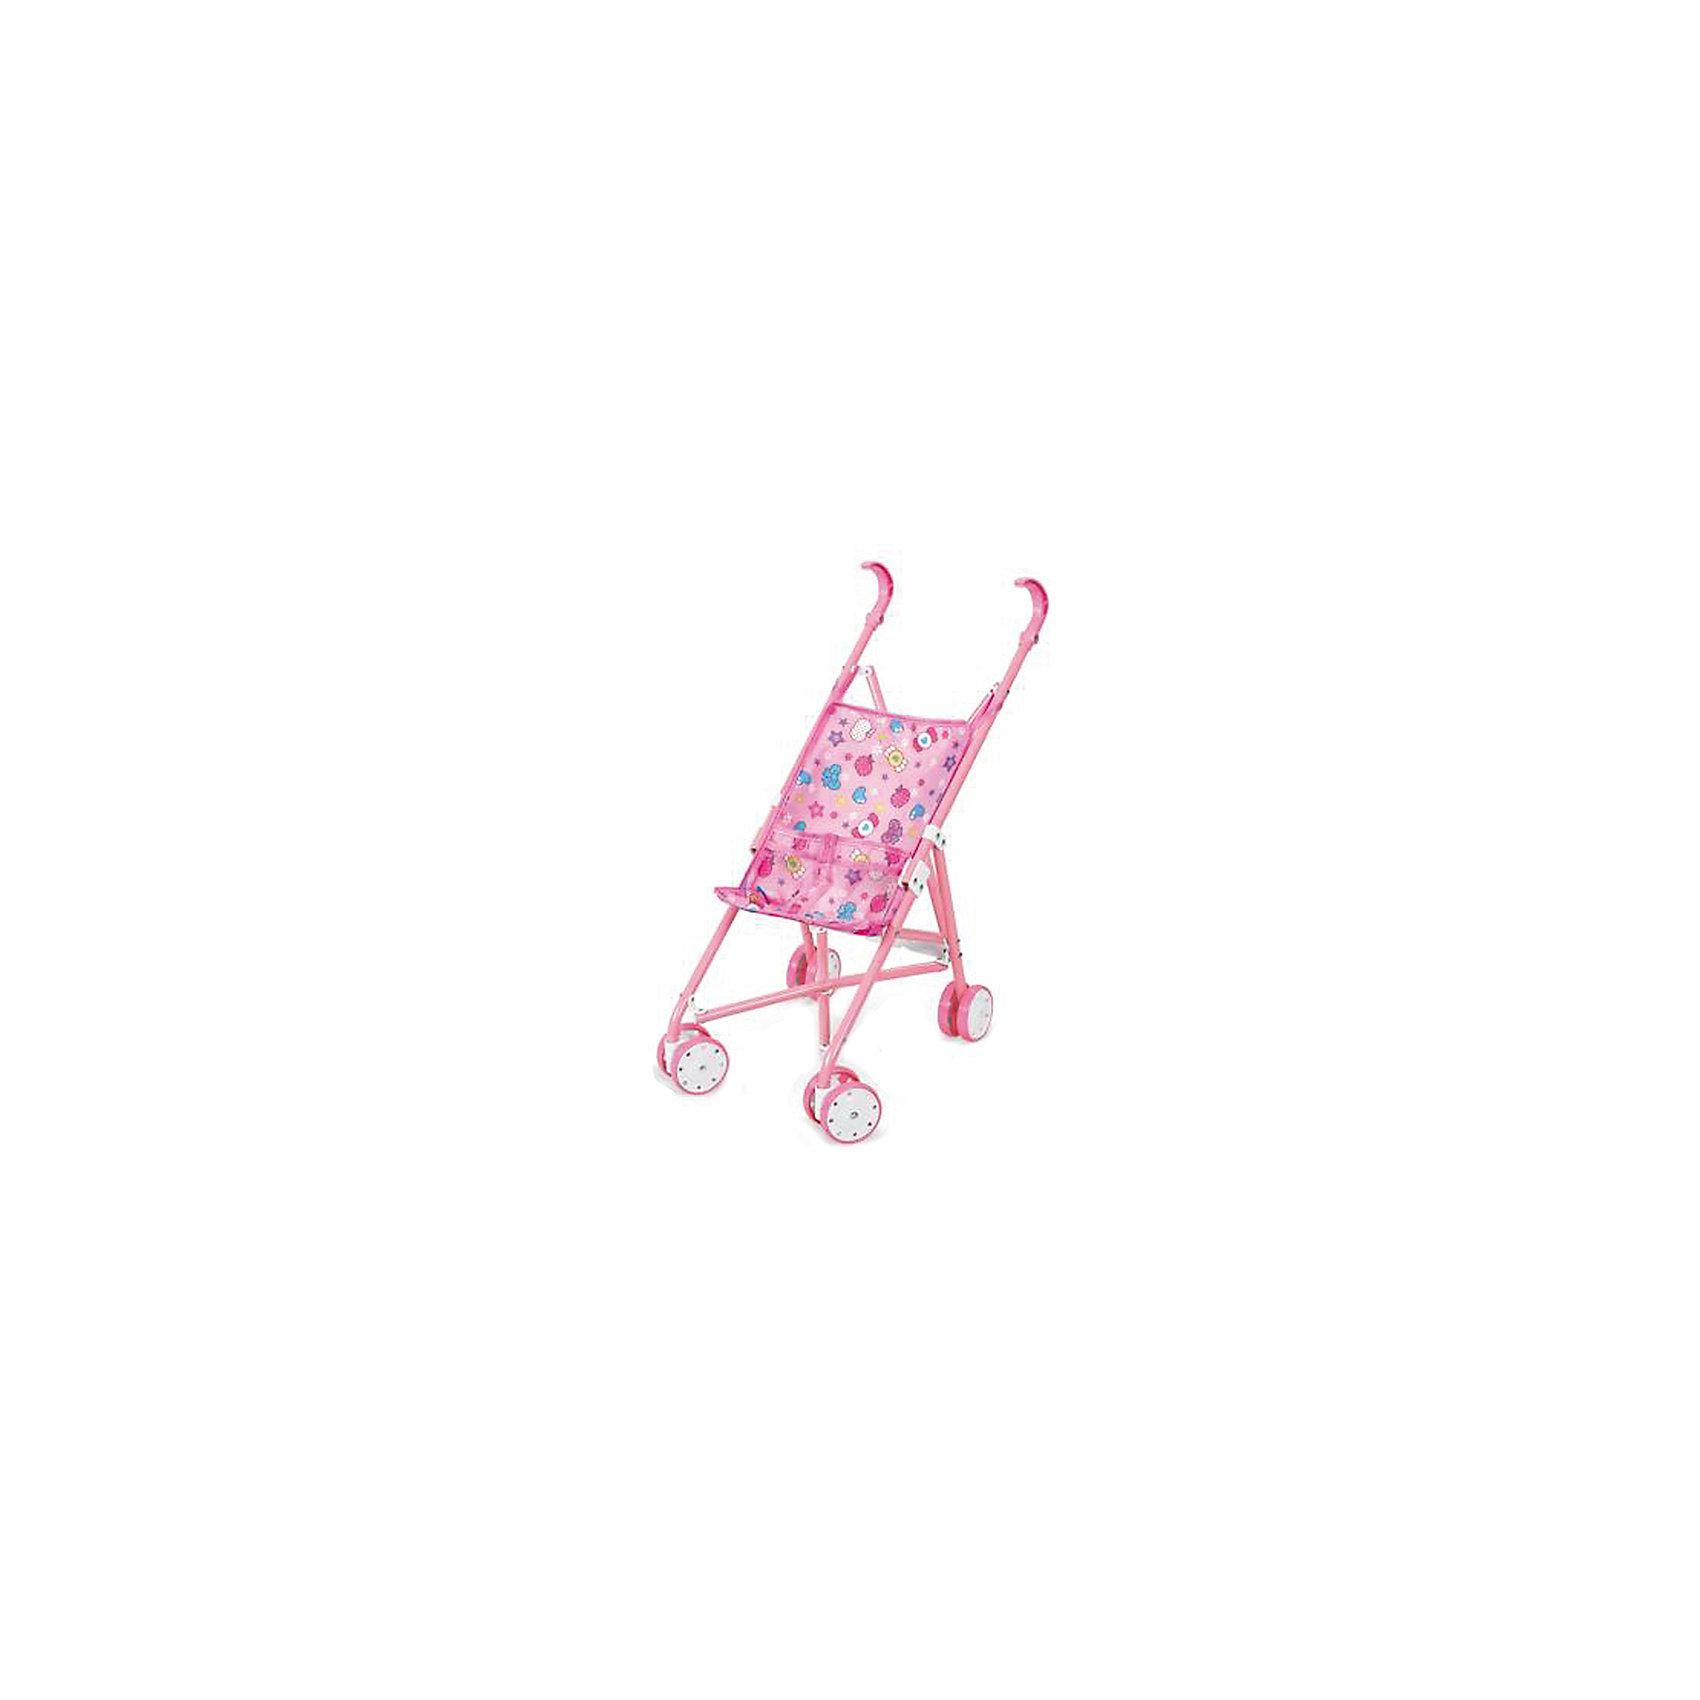 - Кукольная коляска/трость, 35,5*24,5*52 см, FEI LI TOYS коляска трость